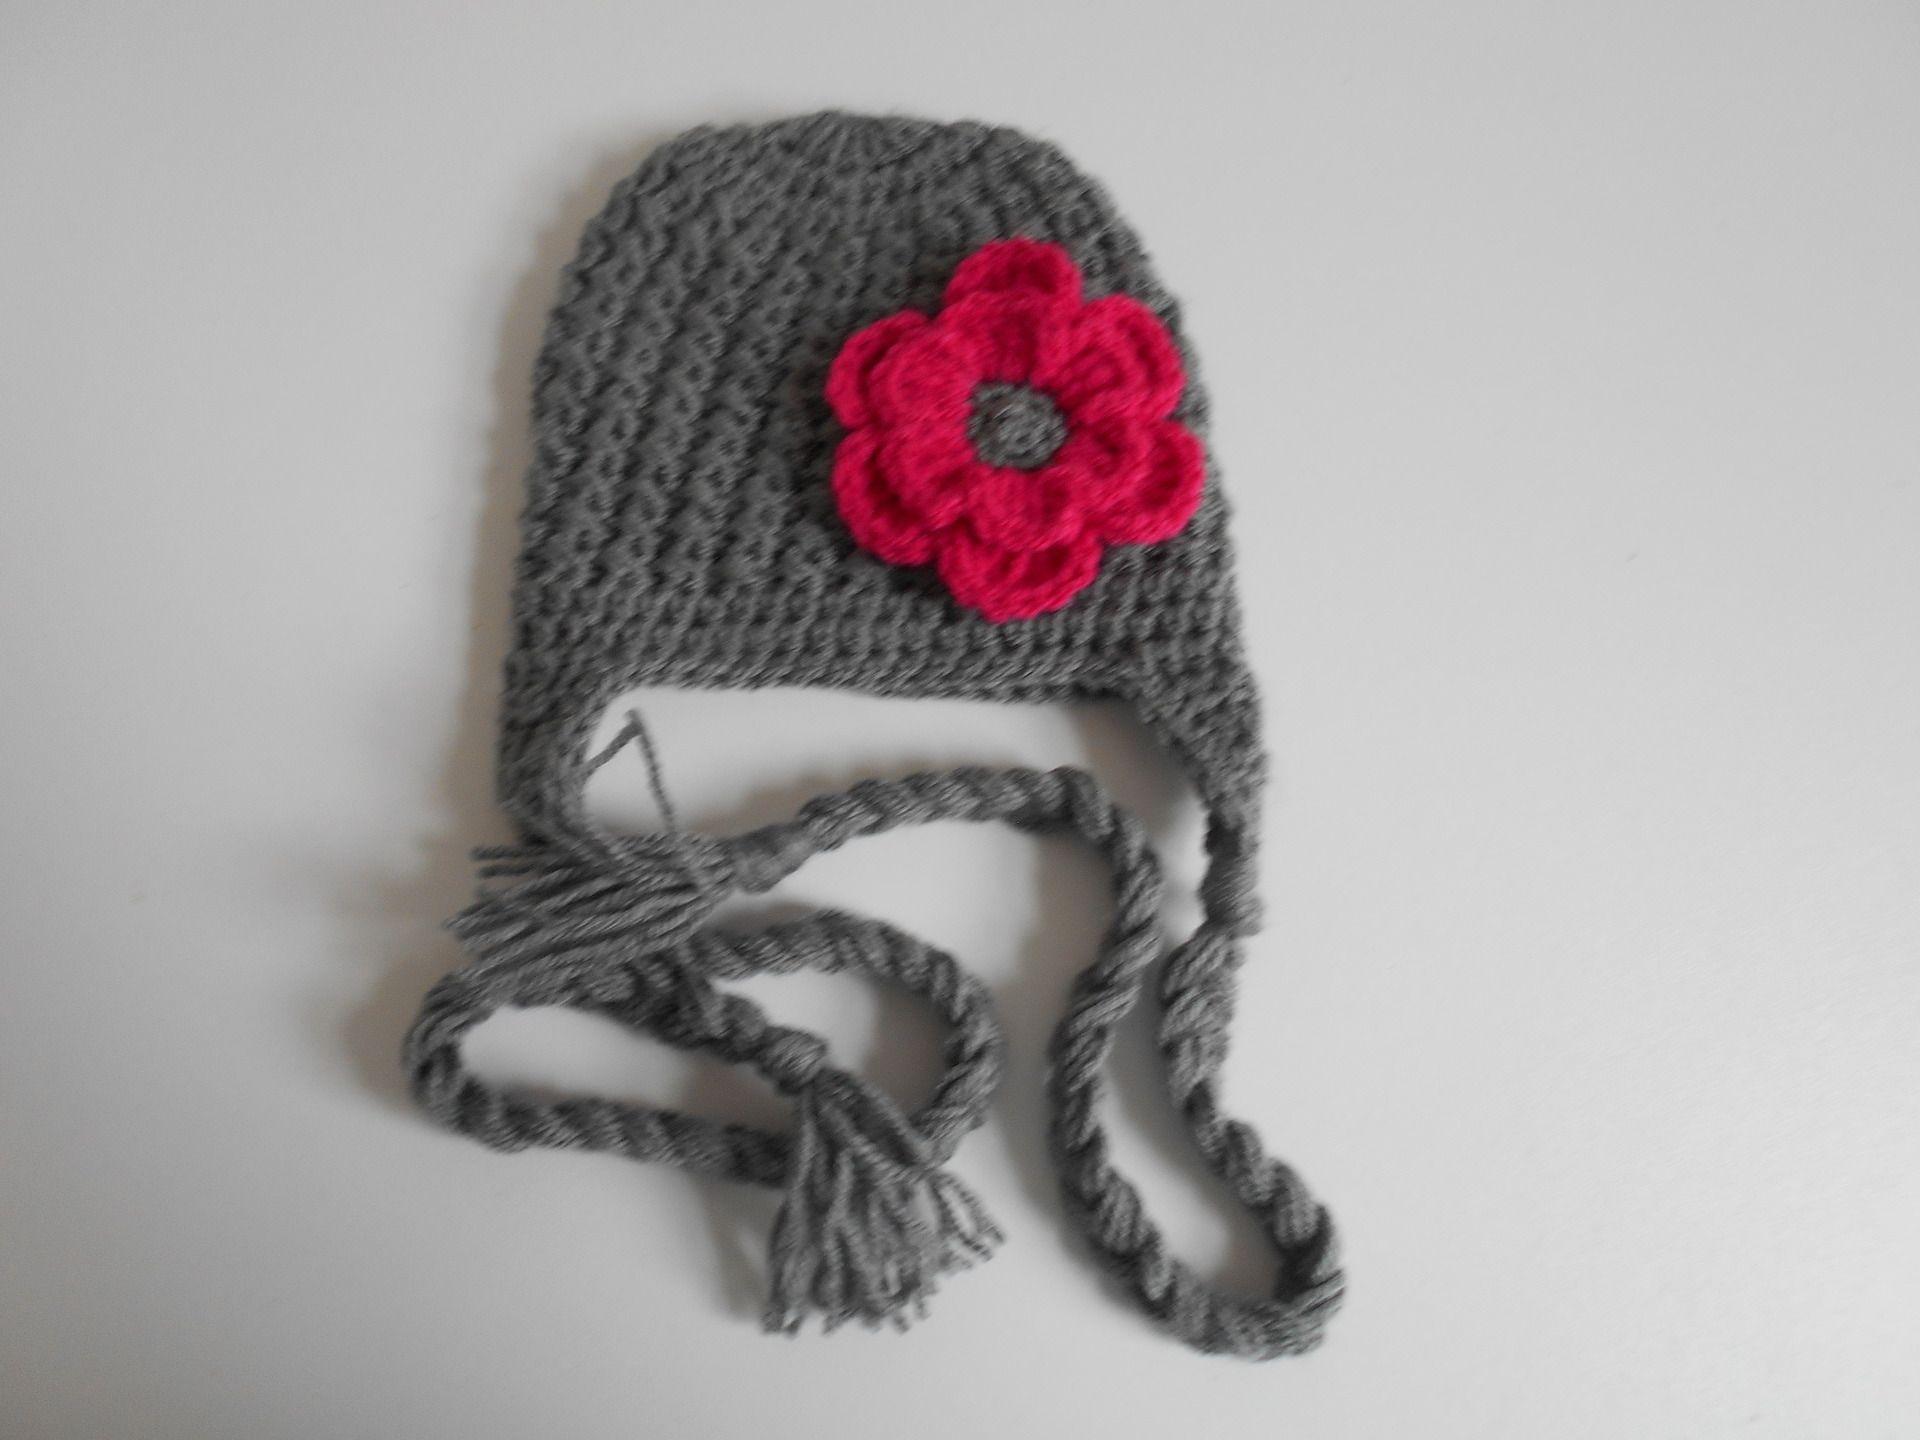 efbc1597ab2ad bonnet bebe fille ,bonnet bebe fait main en laine fuchsia et gris : Mode  Bébé par chtiewie